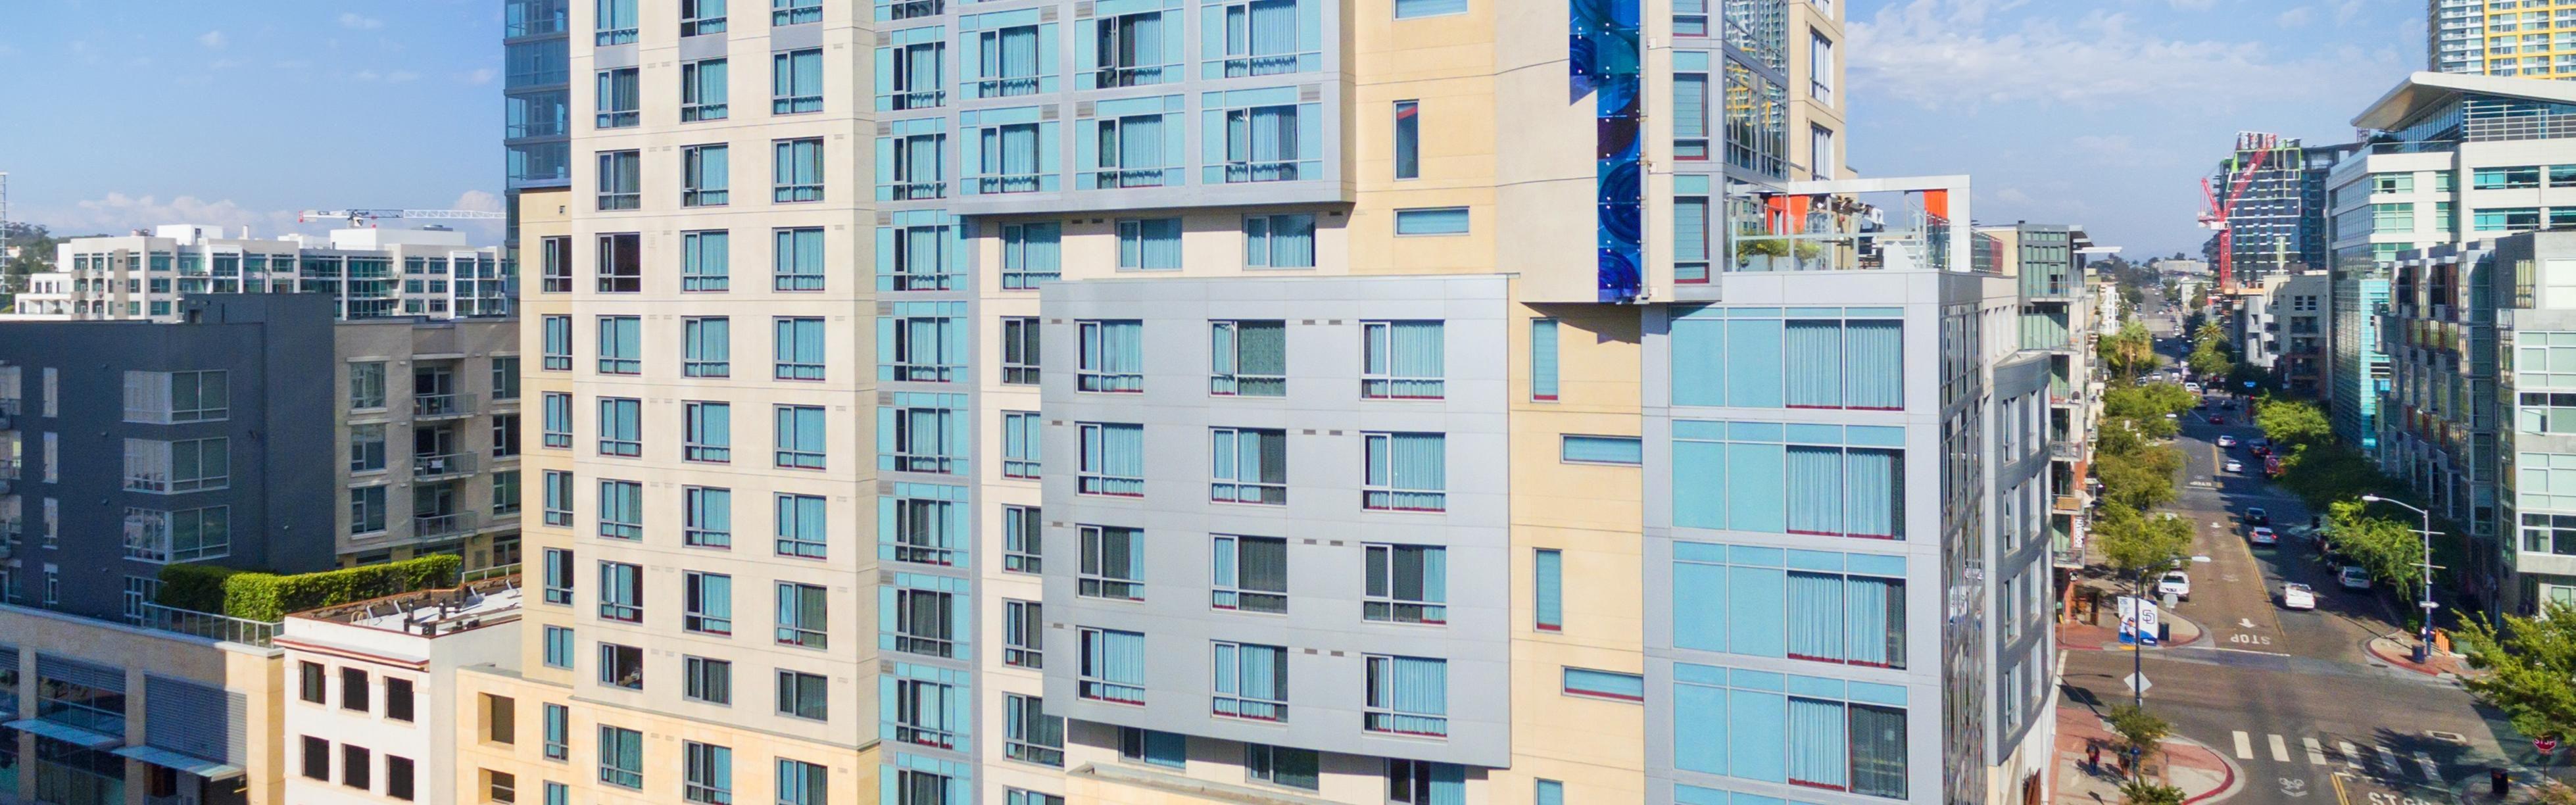 Motels Near Gaslamp San Diego